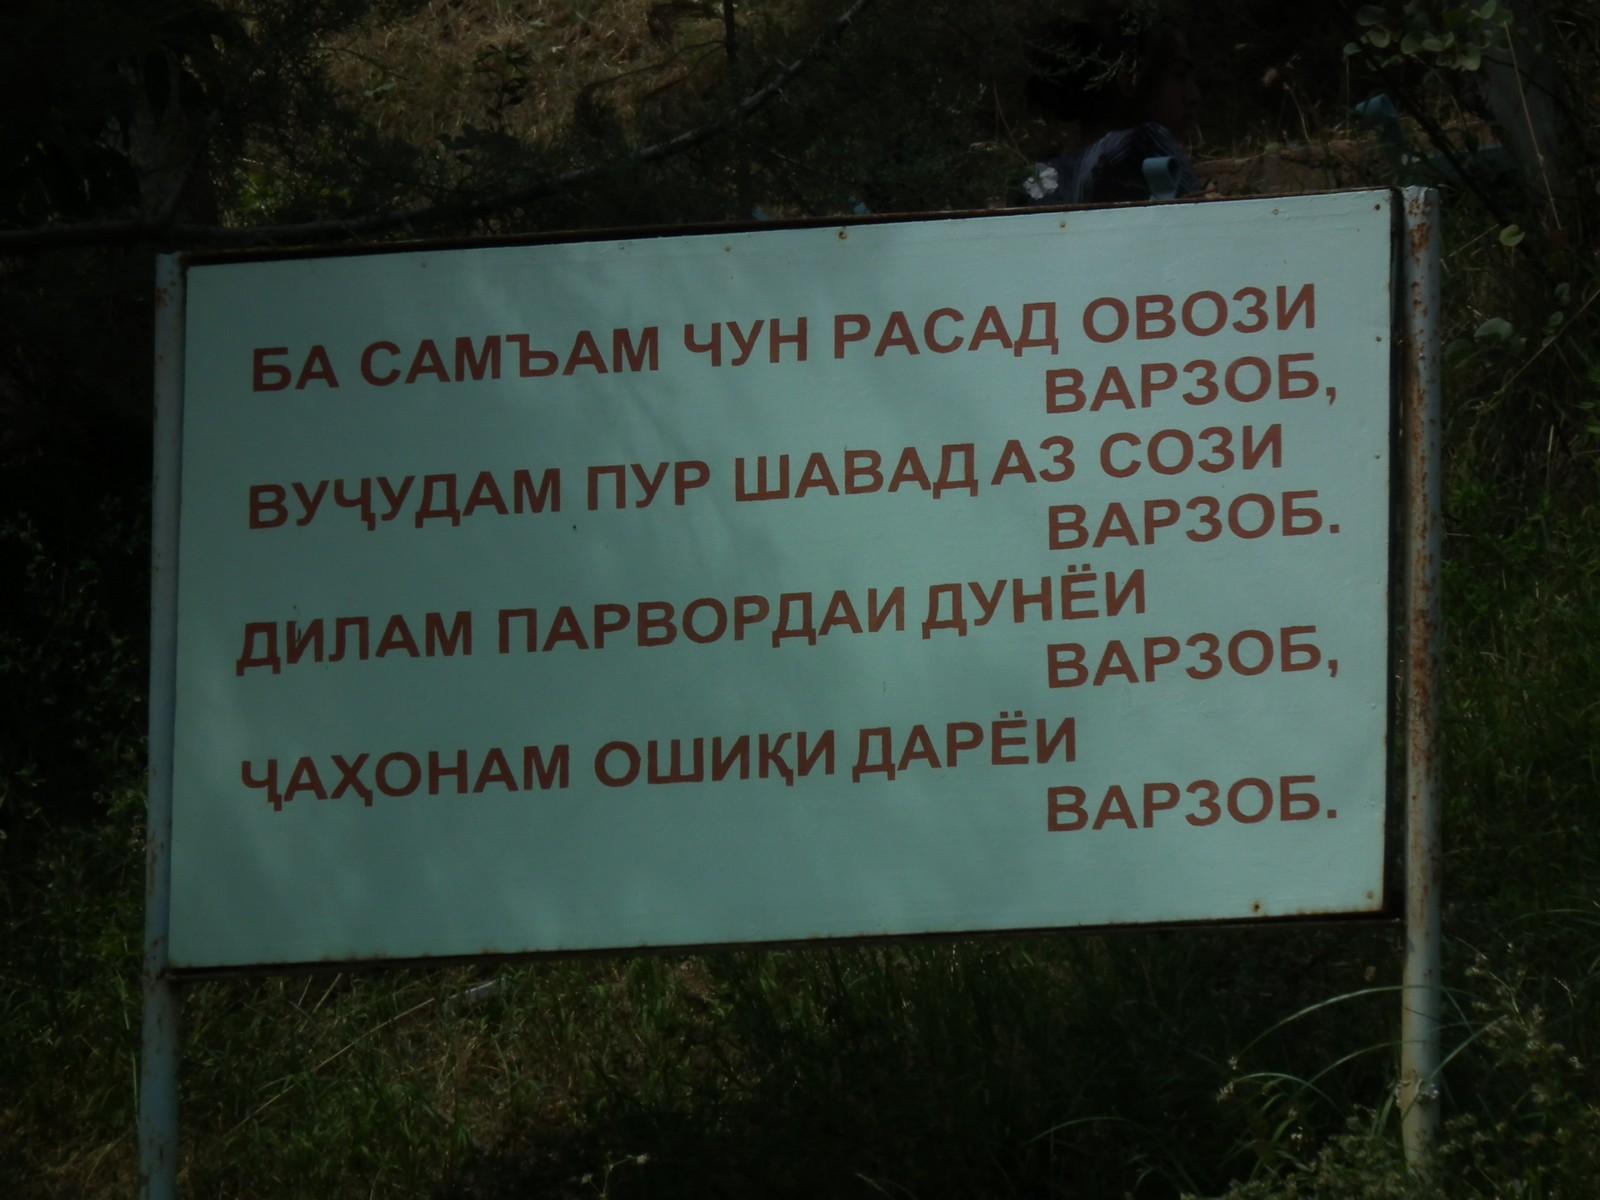 оби гарм: